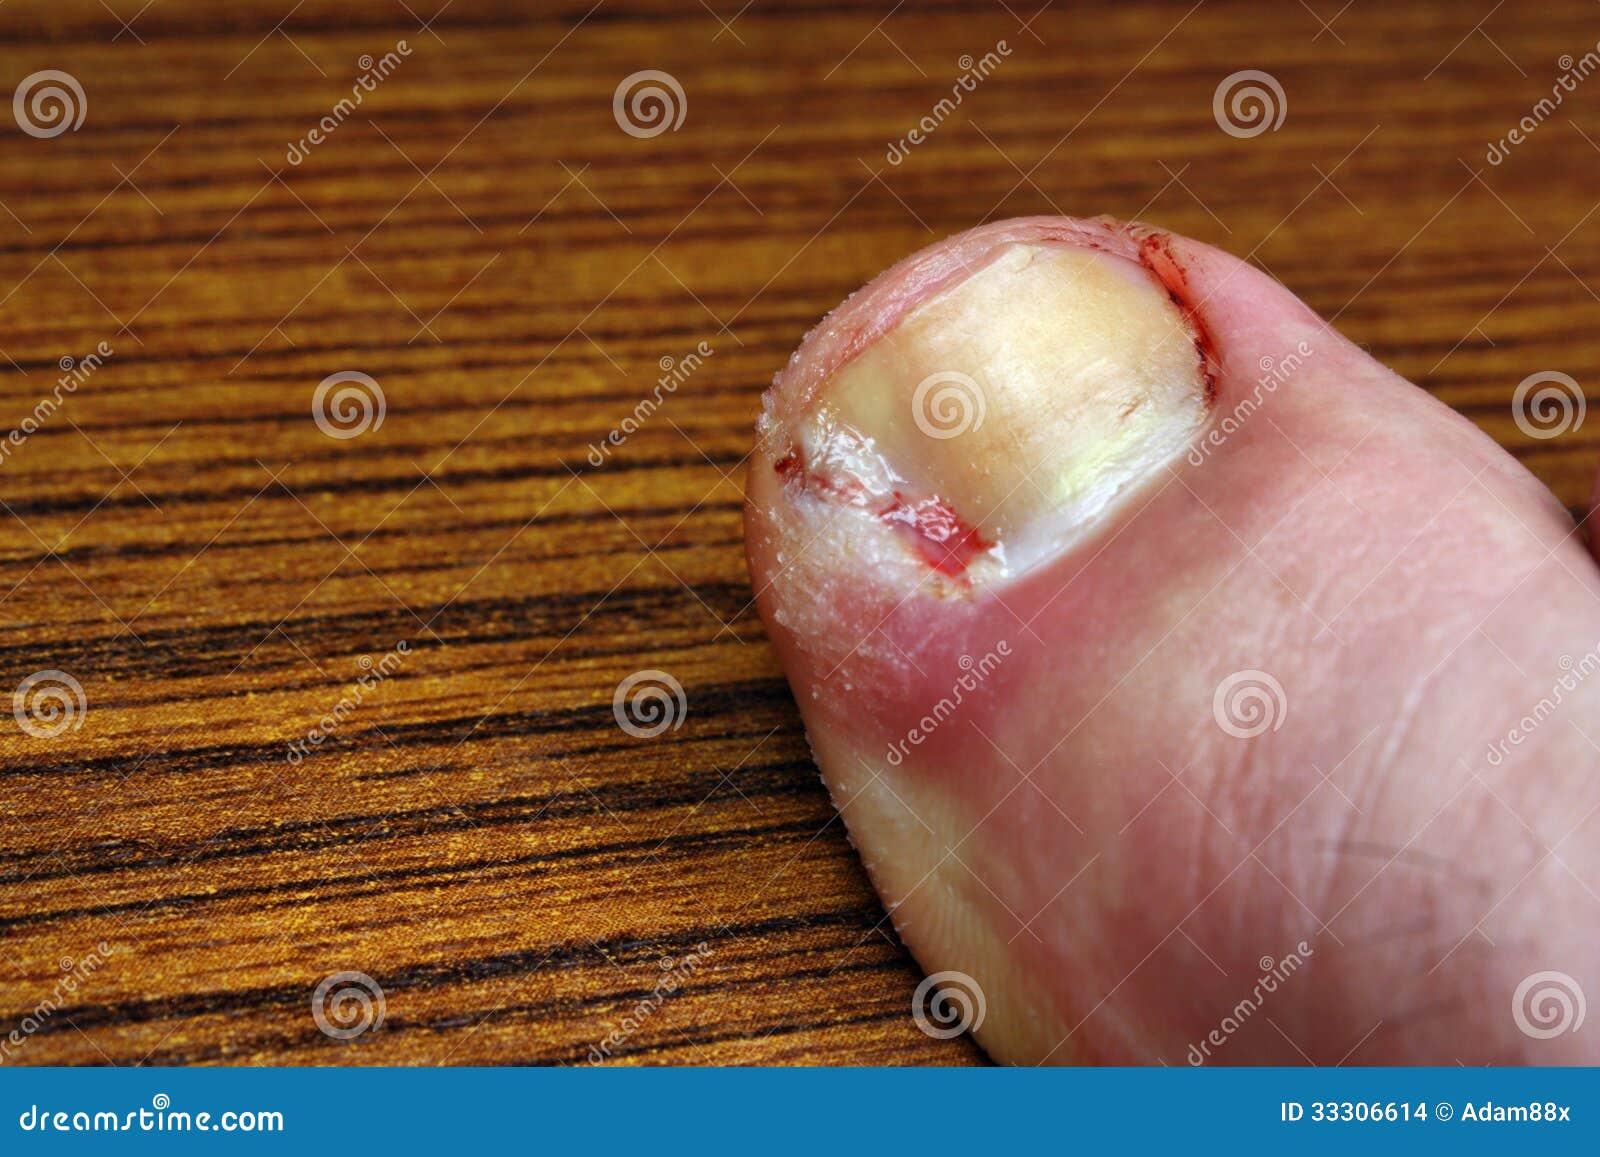 El hongo de las uñas al niño a quien dirigirse